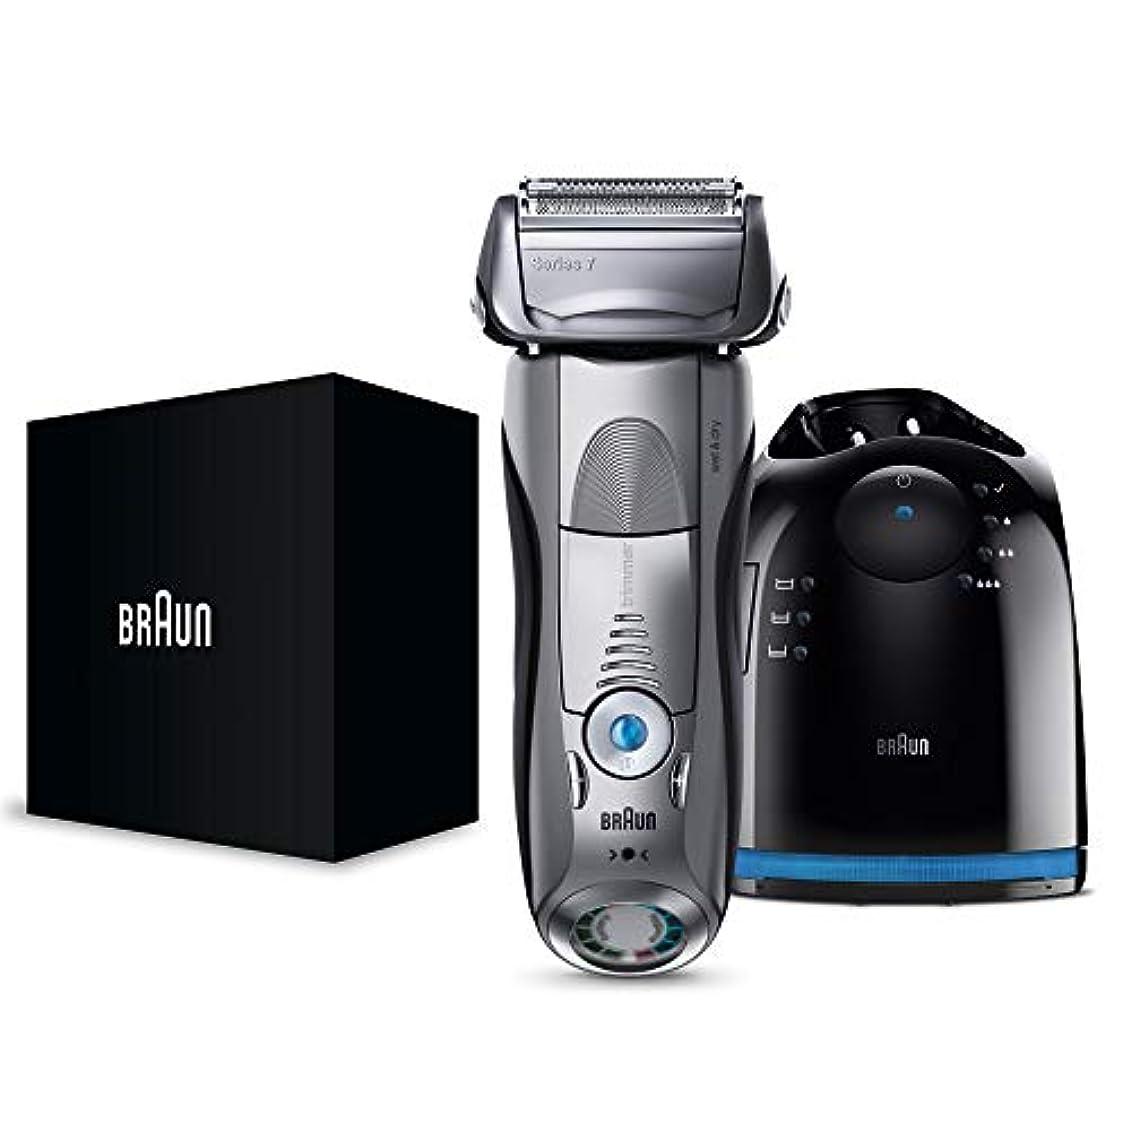 すなわち転用お茶ブラウン メンズ電気シェーバー シリーズ7 7897cc 4カットシステム 洗浄機付 水洗い/お風呂剃り可